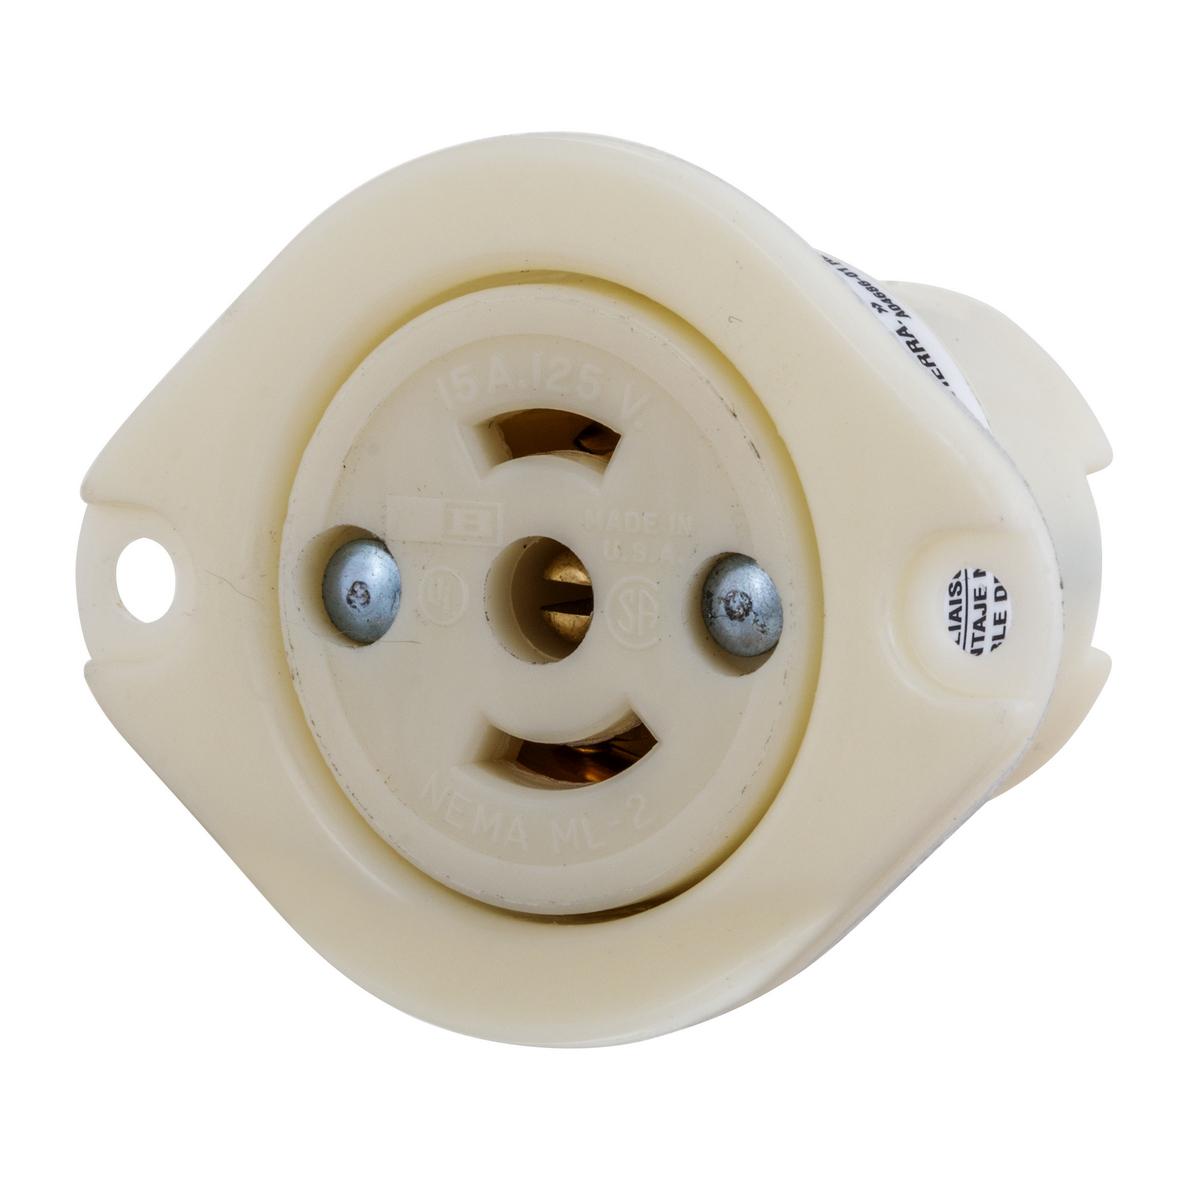 7596er midget twist lock locking devices wiring devices rh hubbell com hubbell bryant wiring devices bryant wiring devices distributors